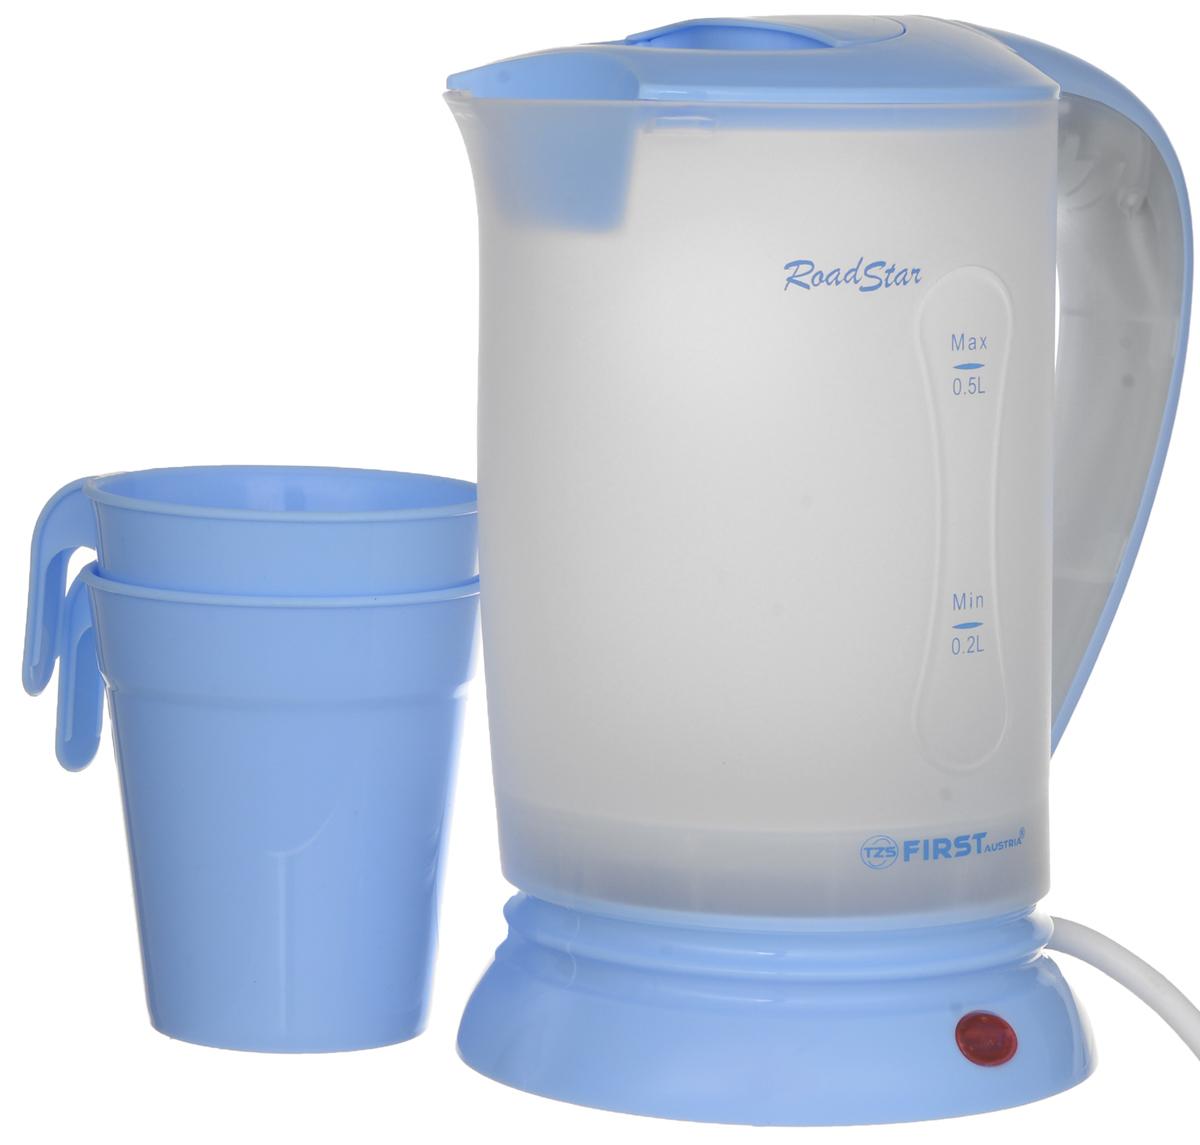 First FA-5425-2, Blue электрический чайникFA-5425-2 BlueДорожный электрический чайник First FA-5425-2 имеет объем 0,5 литра. Несмотря на свои компактные размеры, данная модель располагает всеми необходимыми функциями полноразмерных чайников. Скрытый нагревательный элемент позволит за короткое время вскипятить заданный объем воды, а функция автовыключения и защита от перегрева обеспечат безопасное использование в течение всего срока эксплуатации.